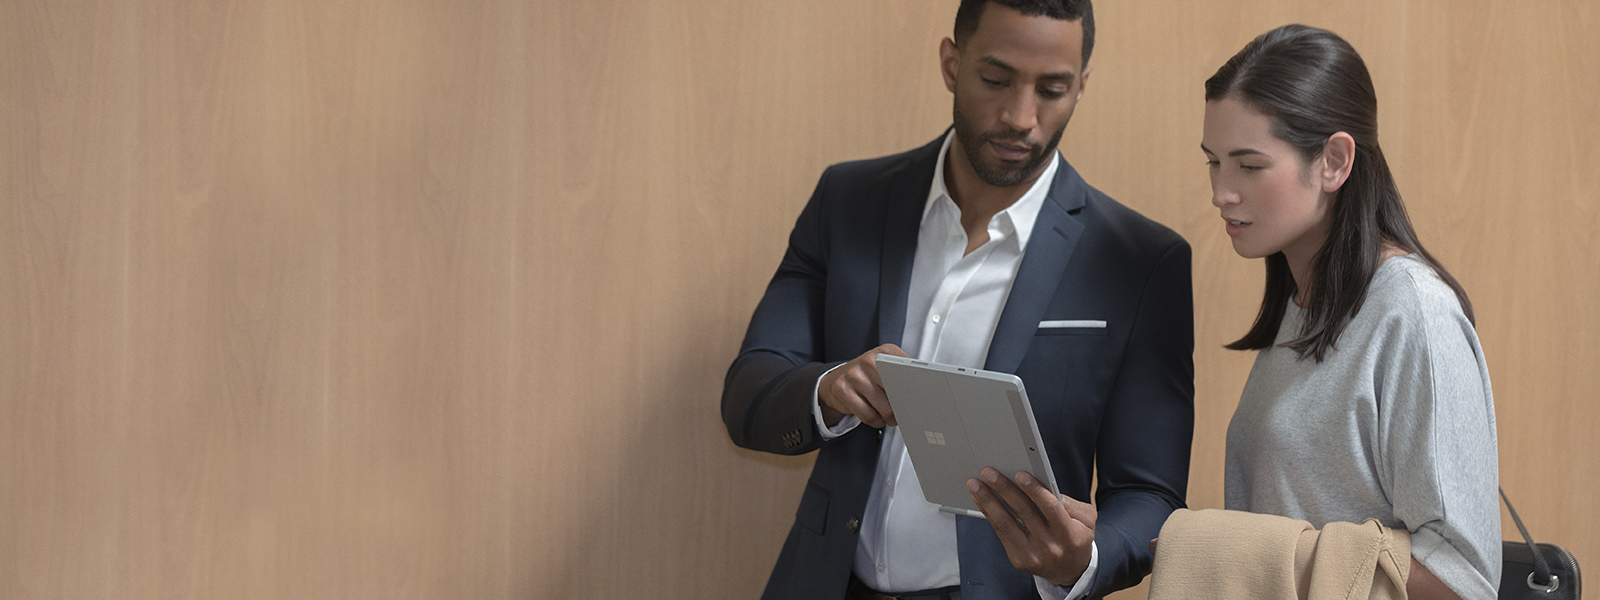 Mann og kvinne går i gangen på kontoret med sølv- og burgunderfargede Surface Go-enheter